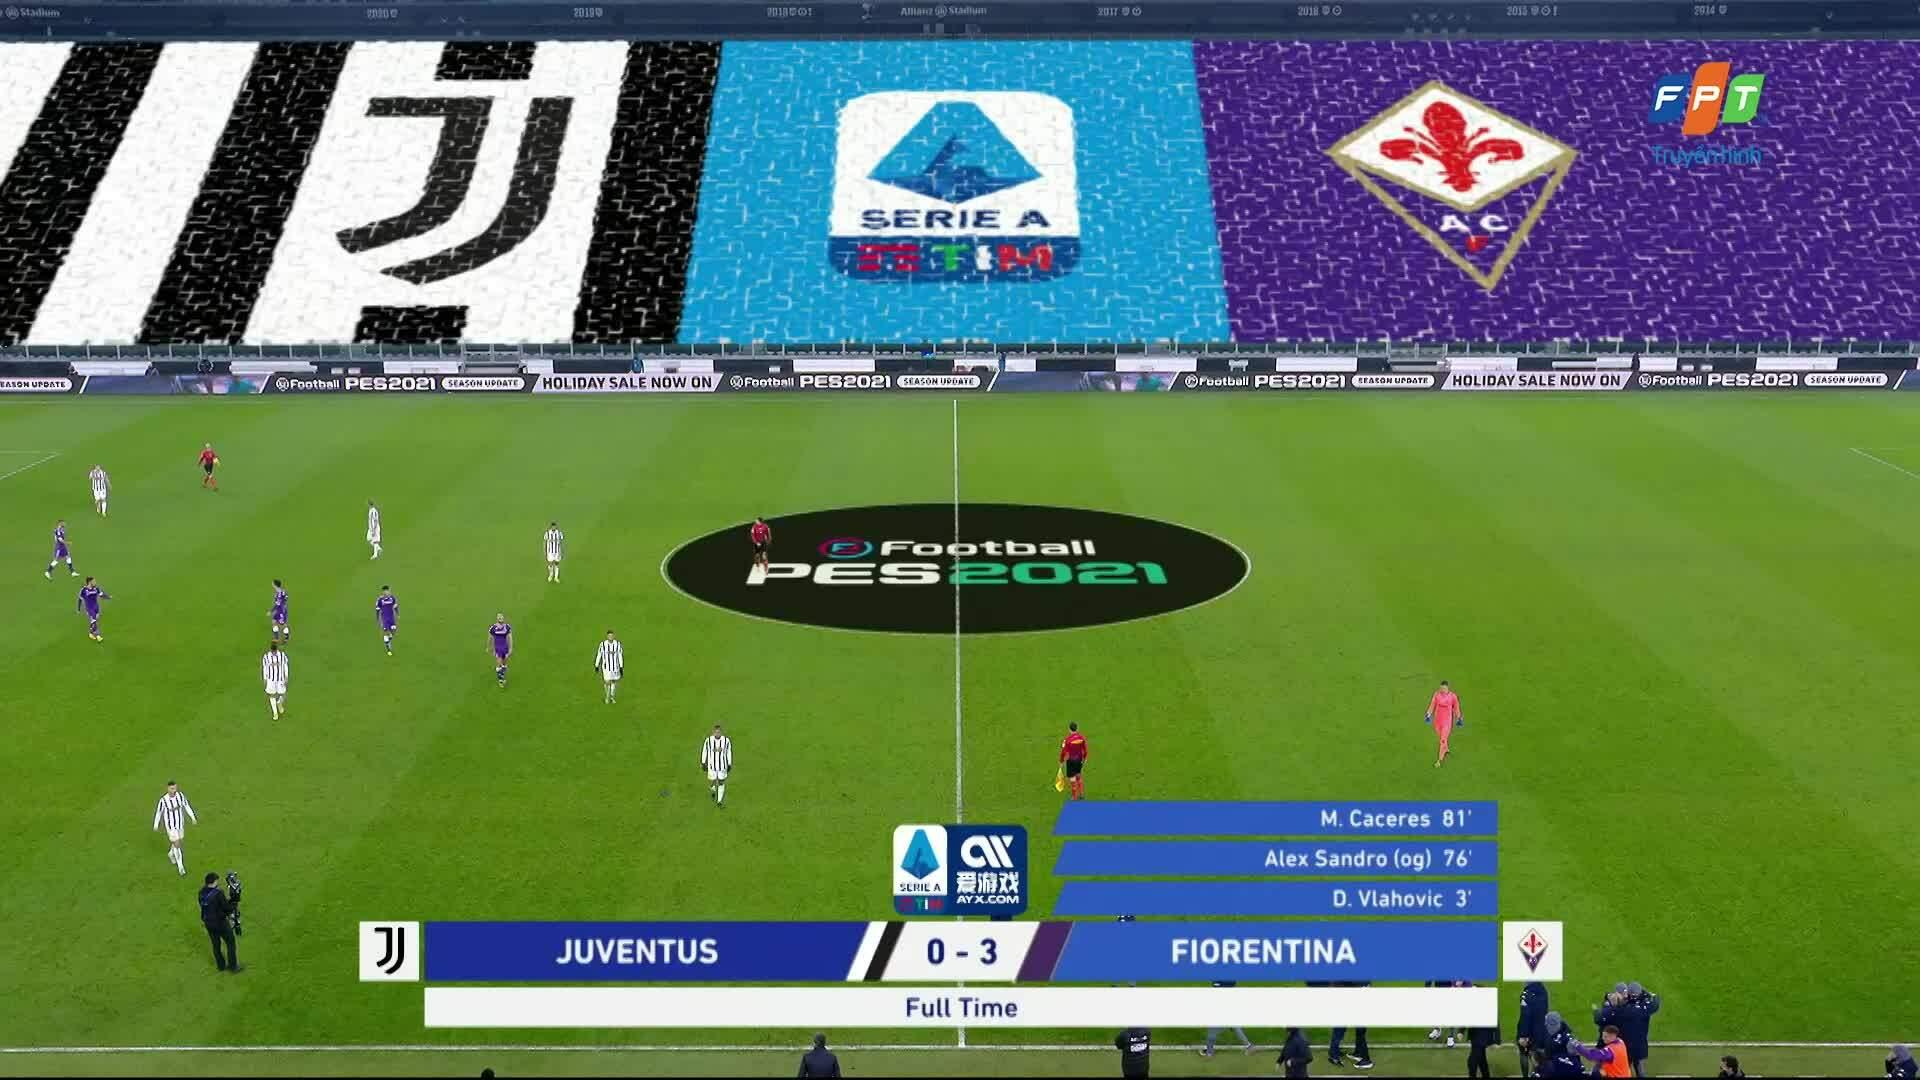 Juventus 0-3 Fiorentina